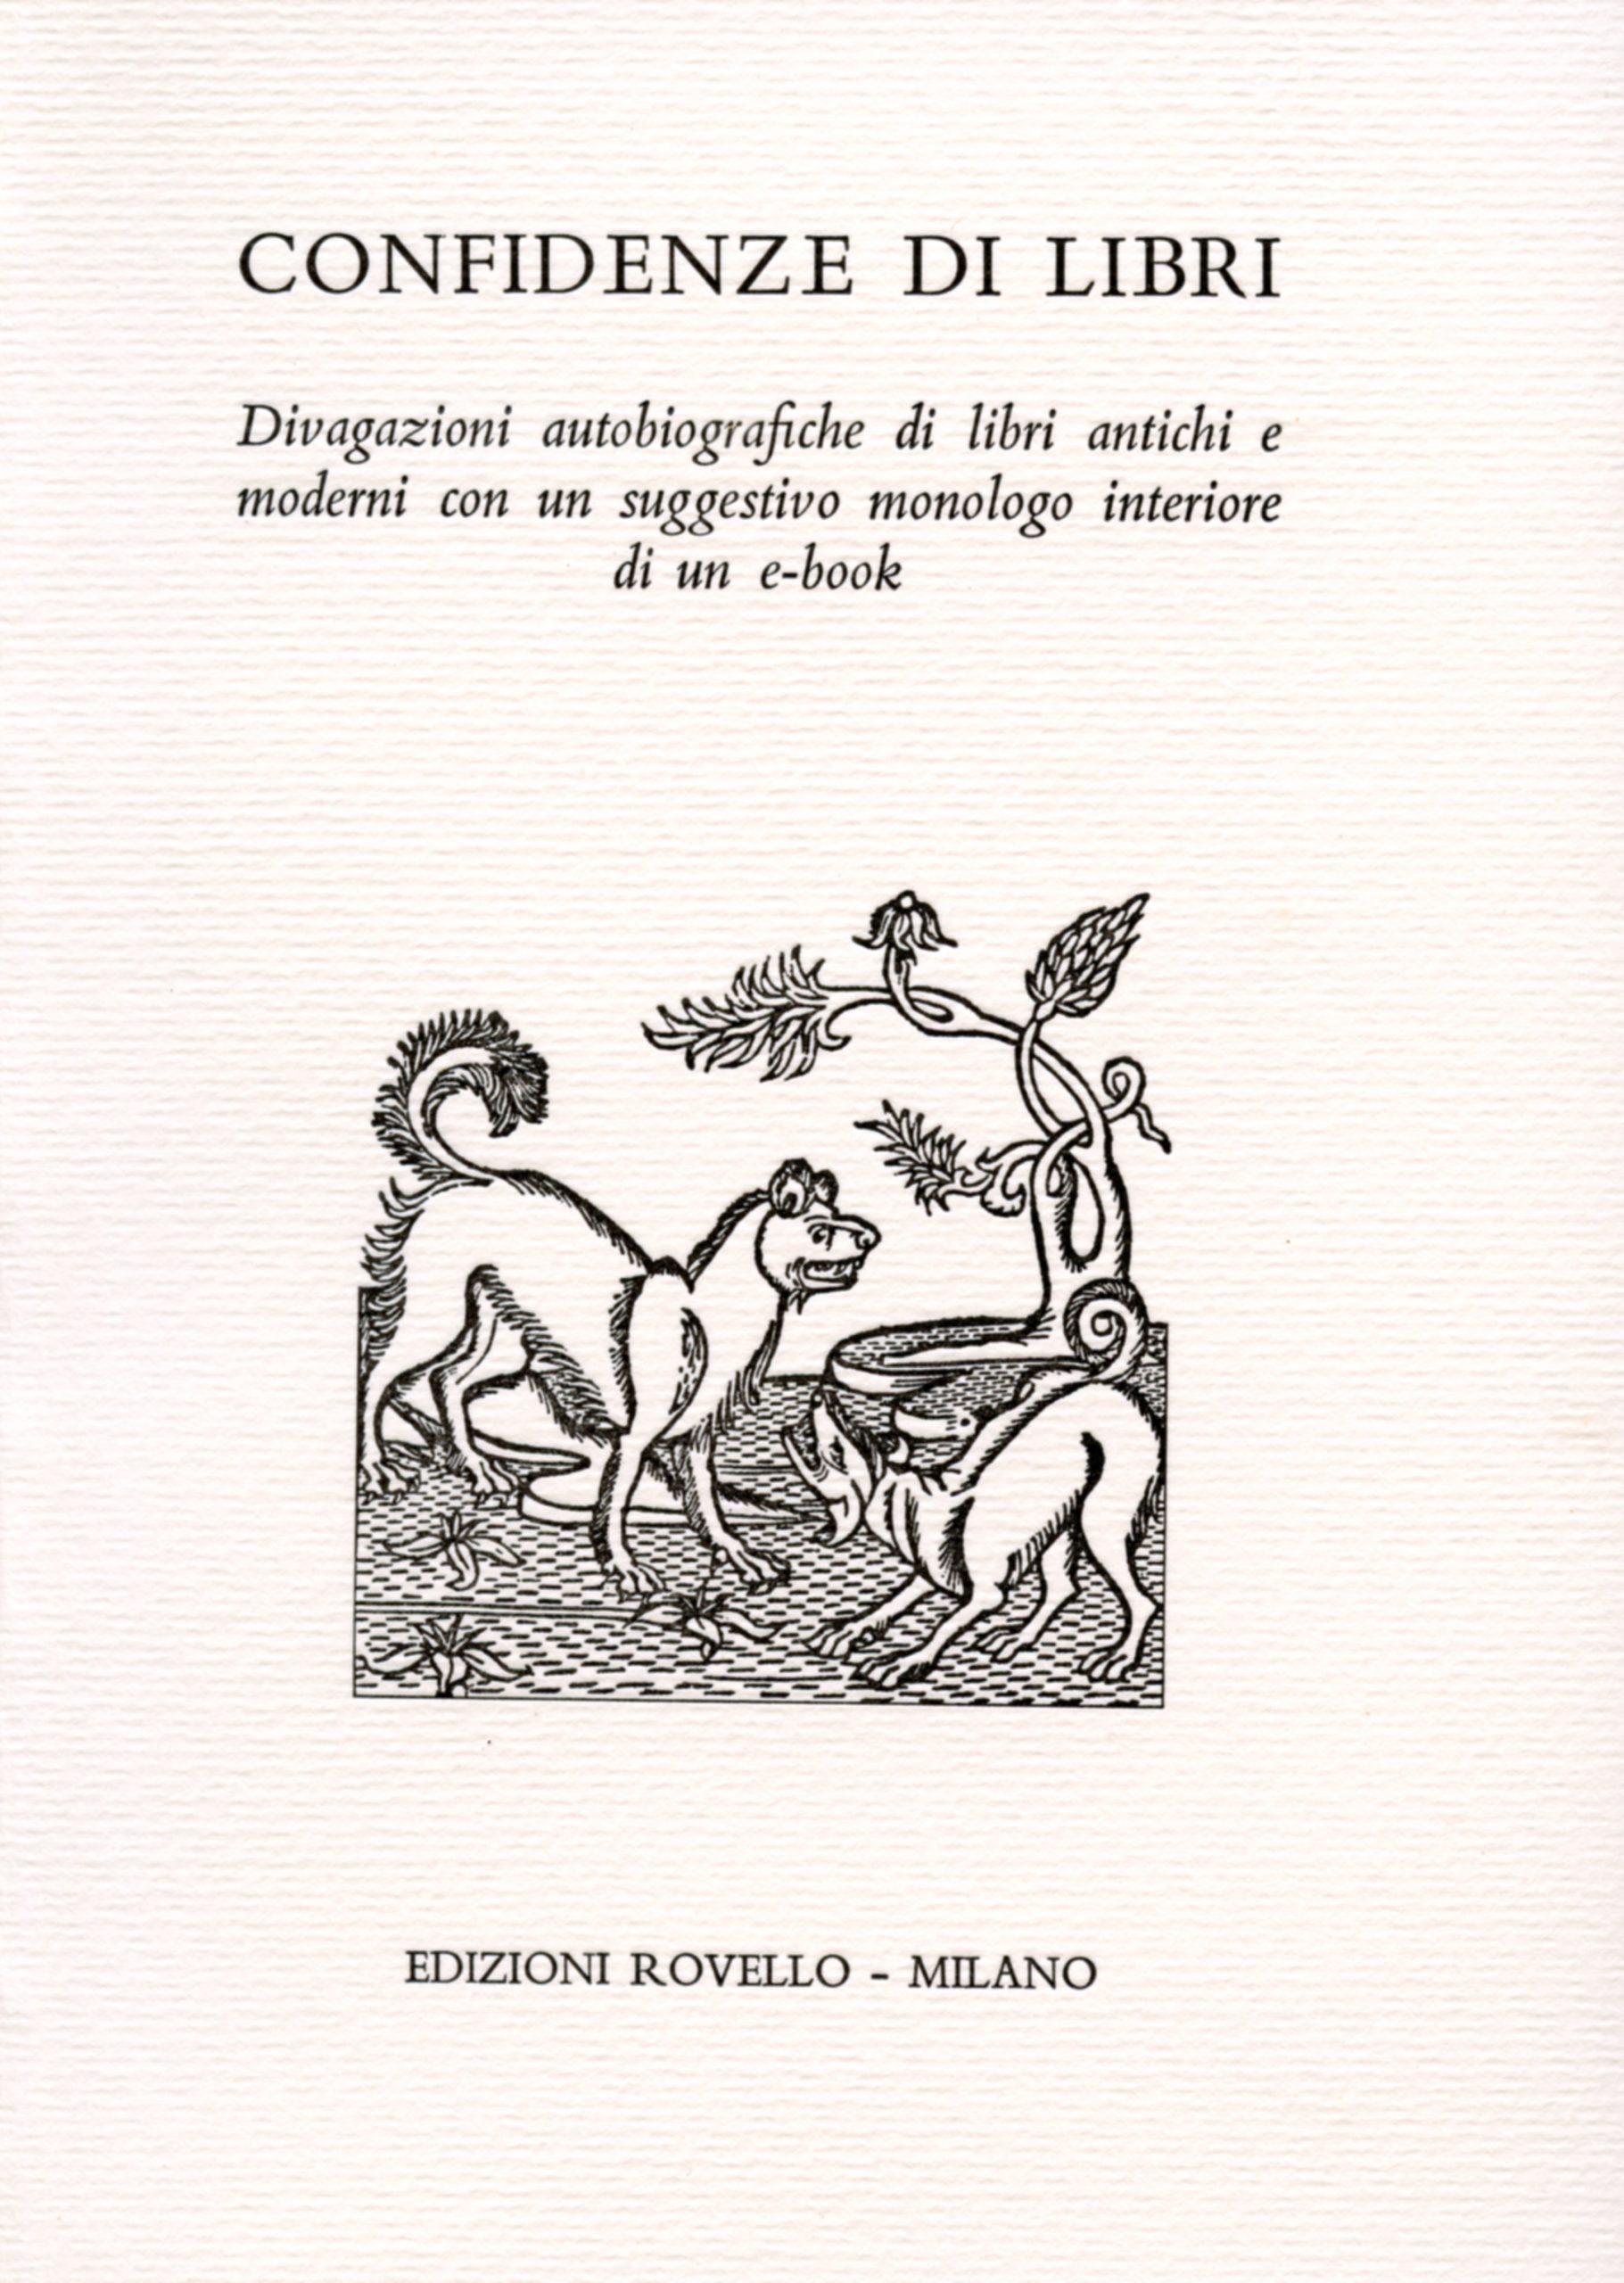 14. Confidenze di libri (2003)